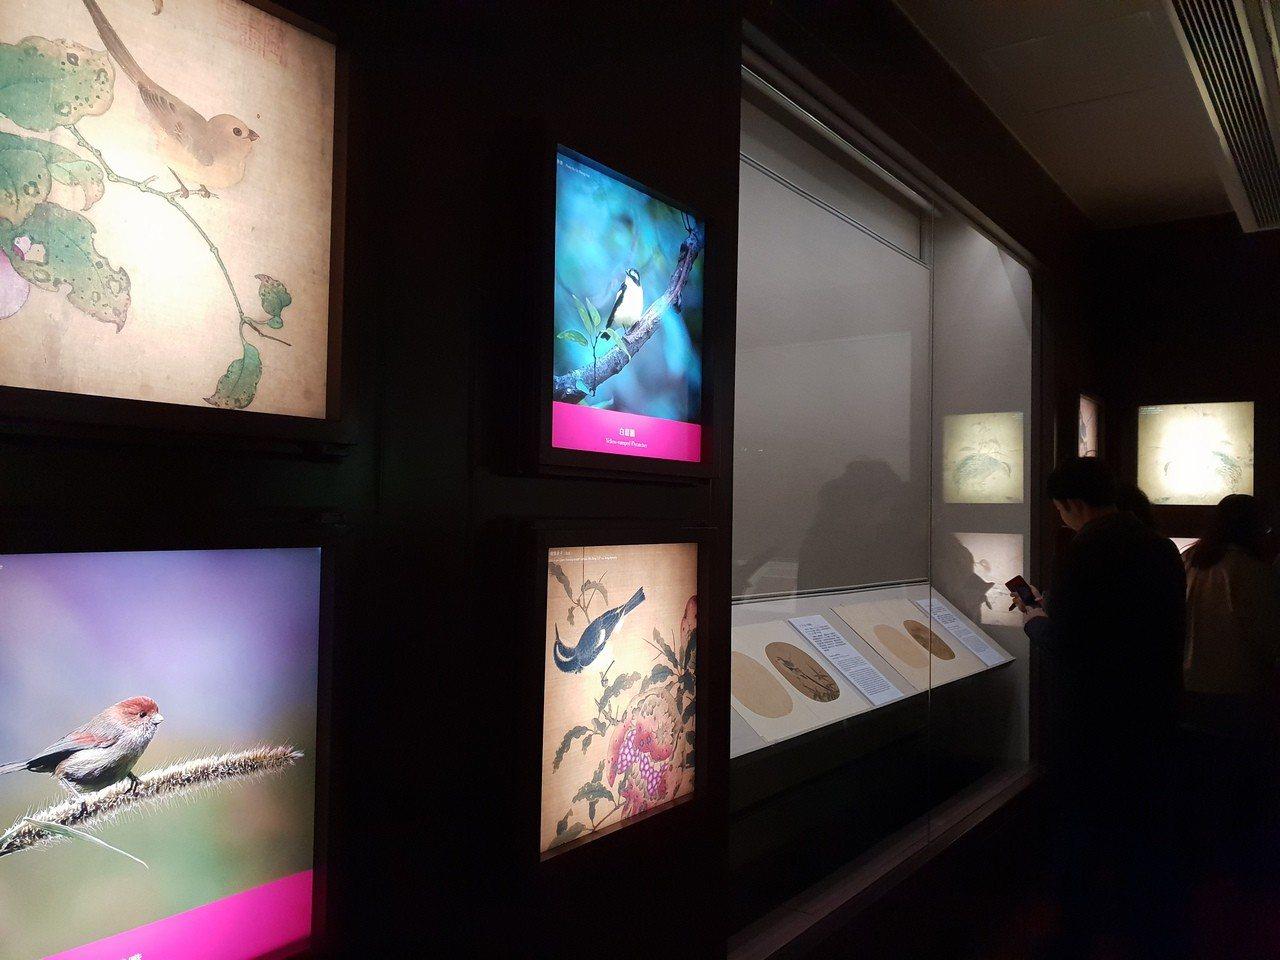 來禽圖展中,既展出畫作也搭配禽鳥的寫真照片一併陳列。記者陳宛茜/攝影